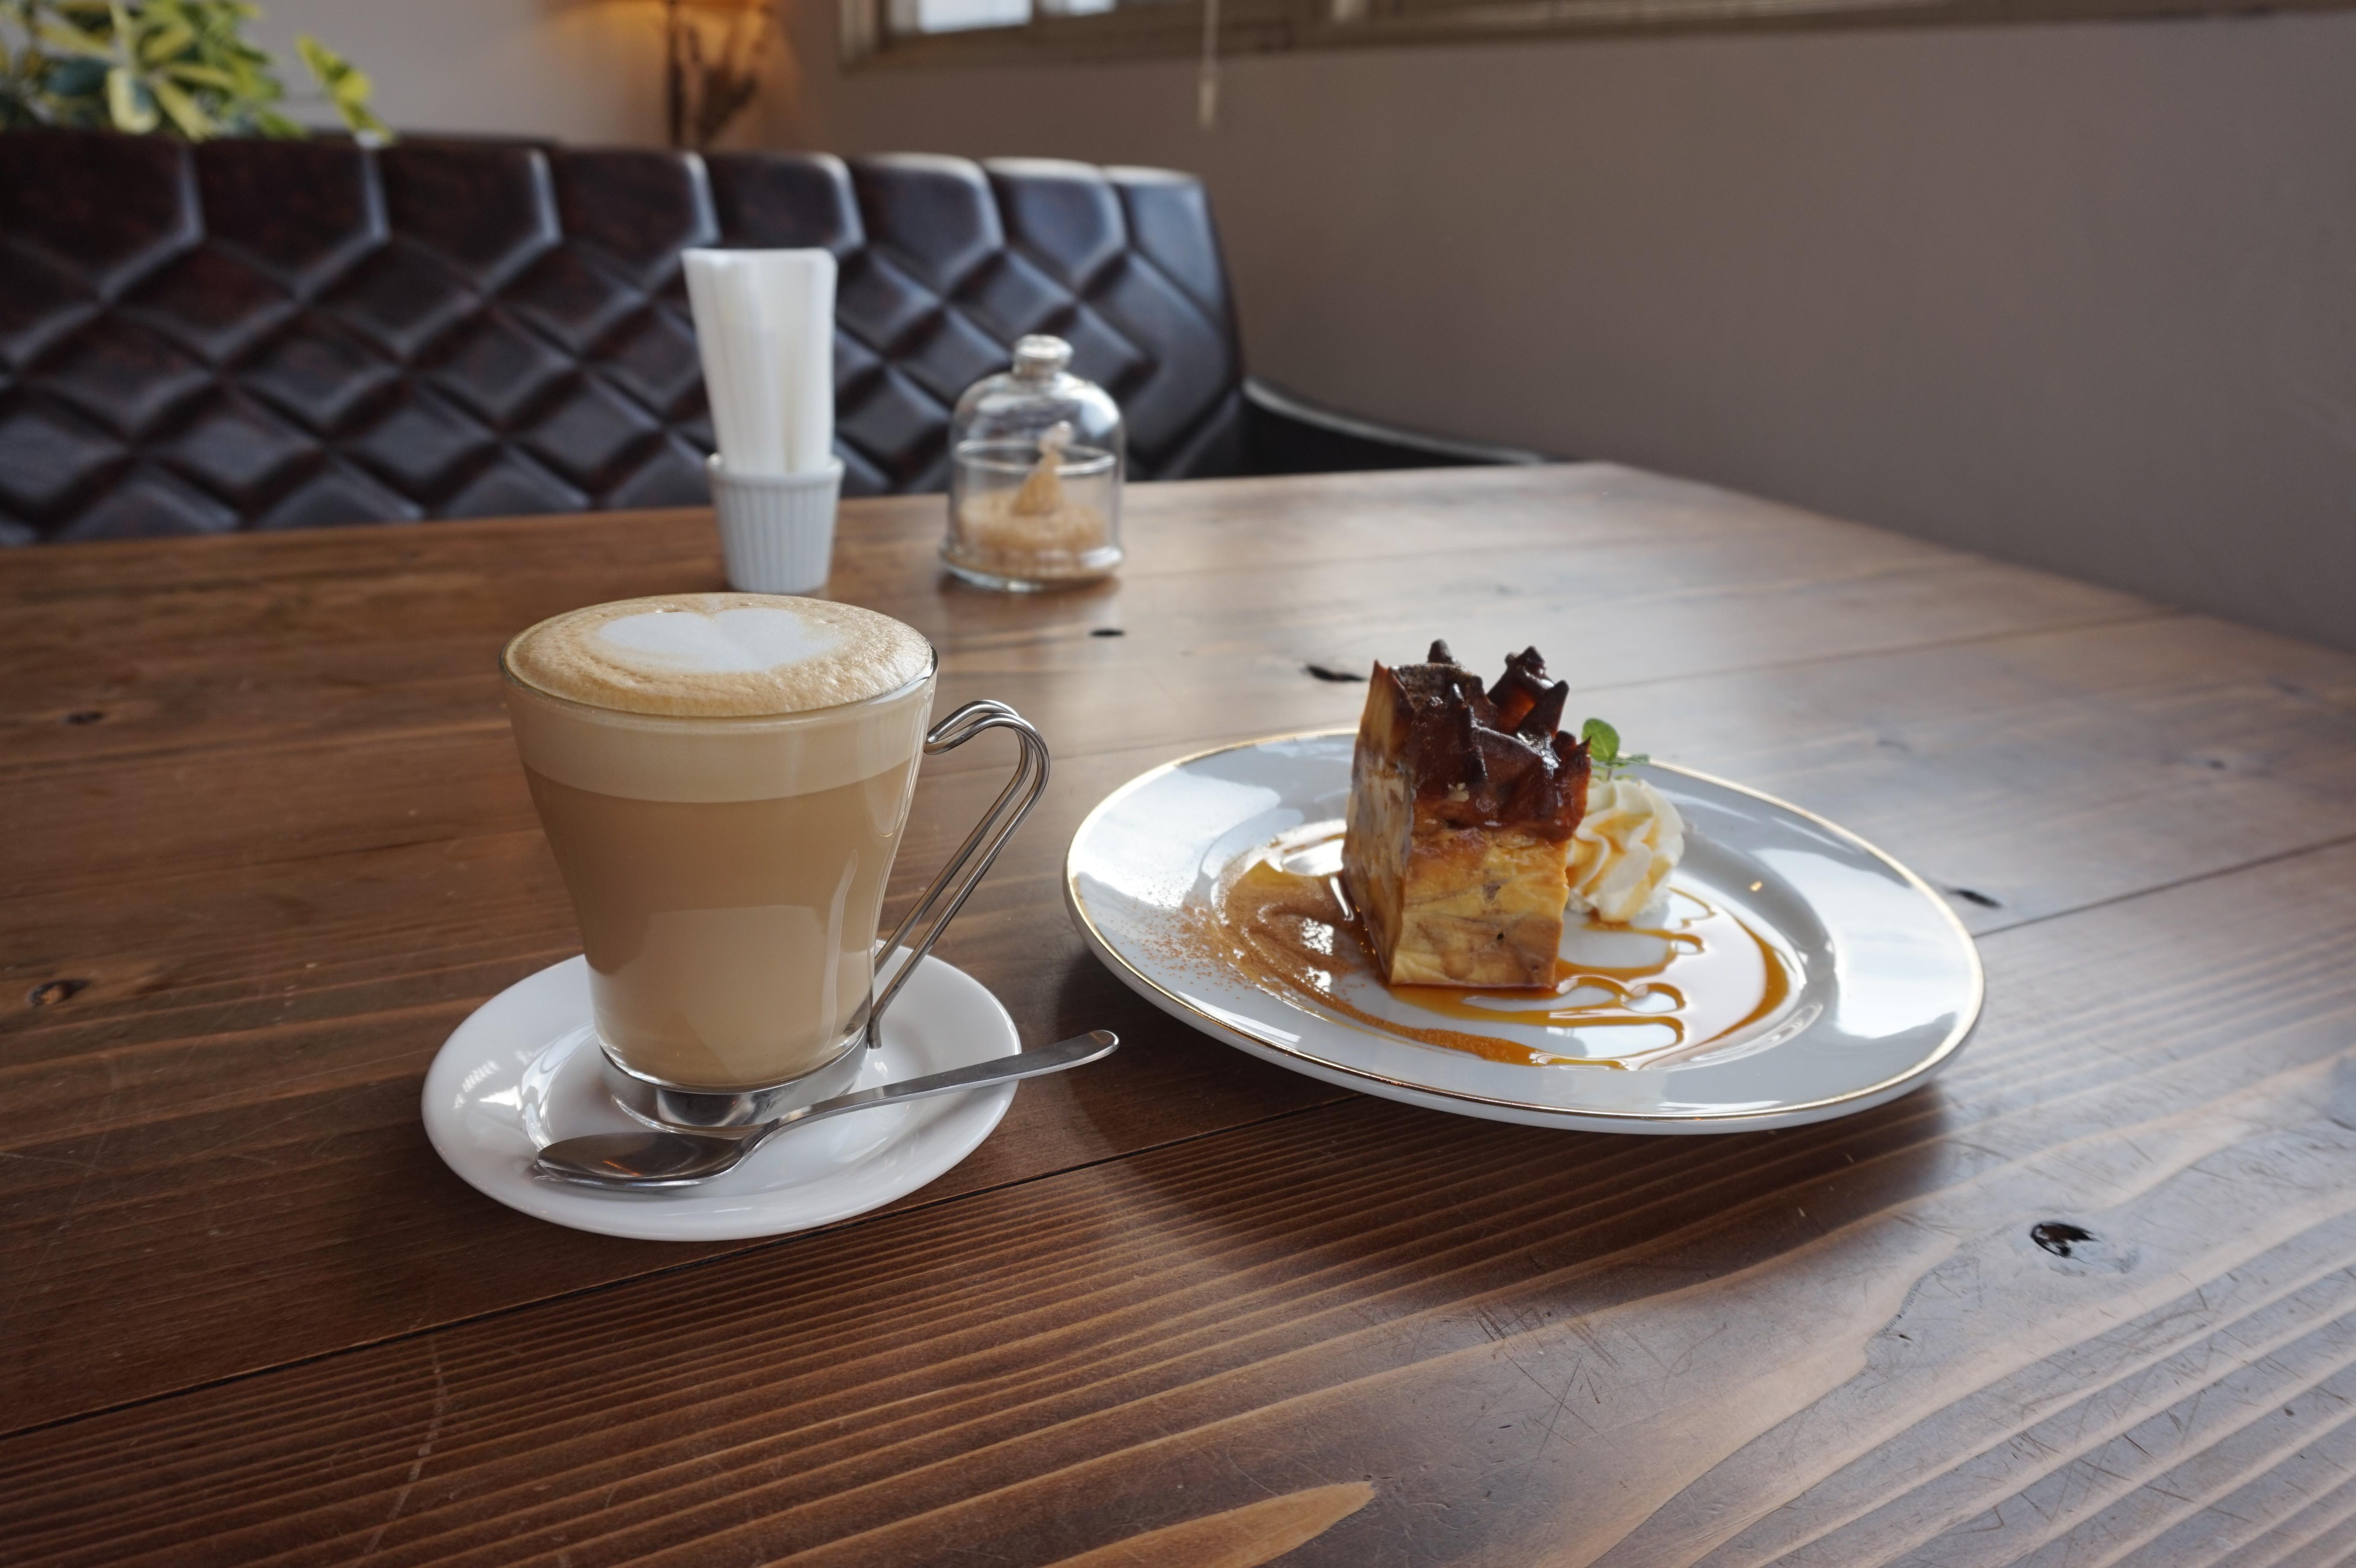 Camel Clutch Café